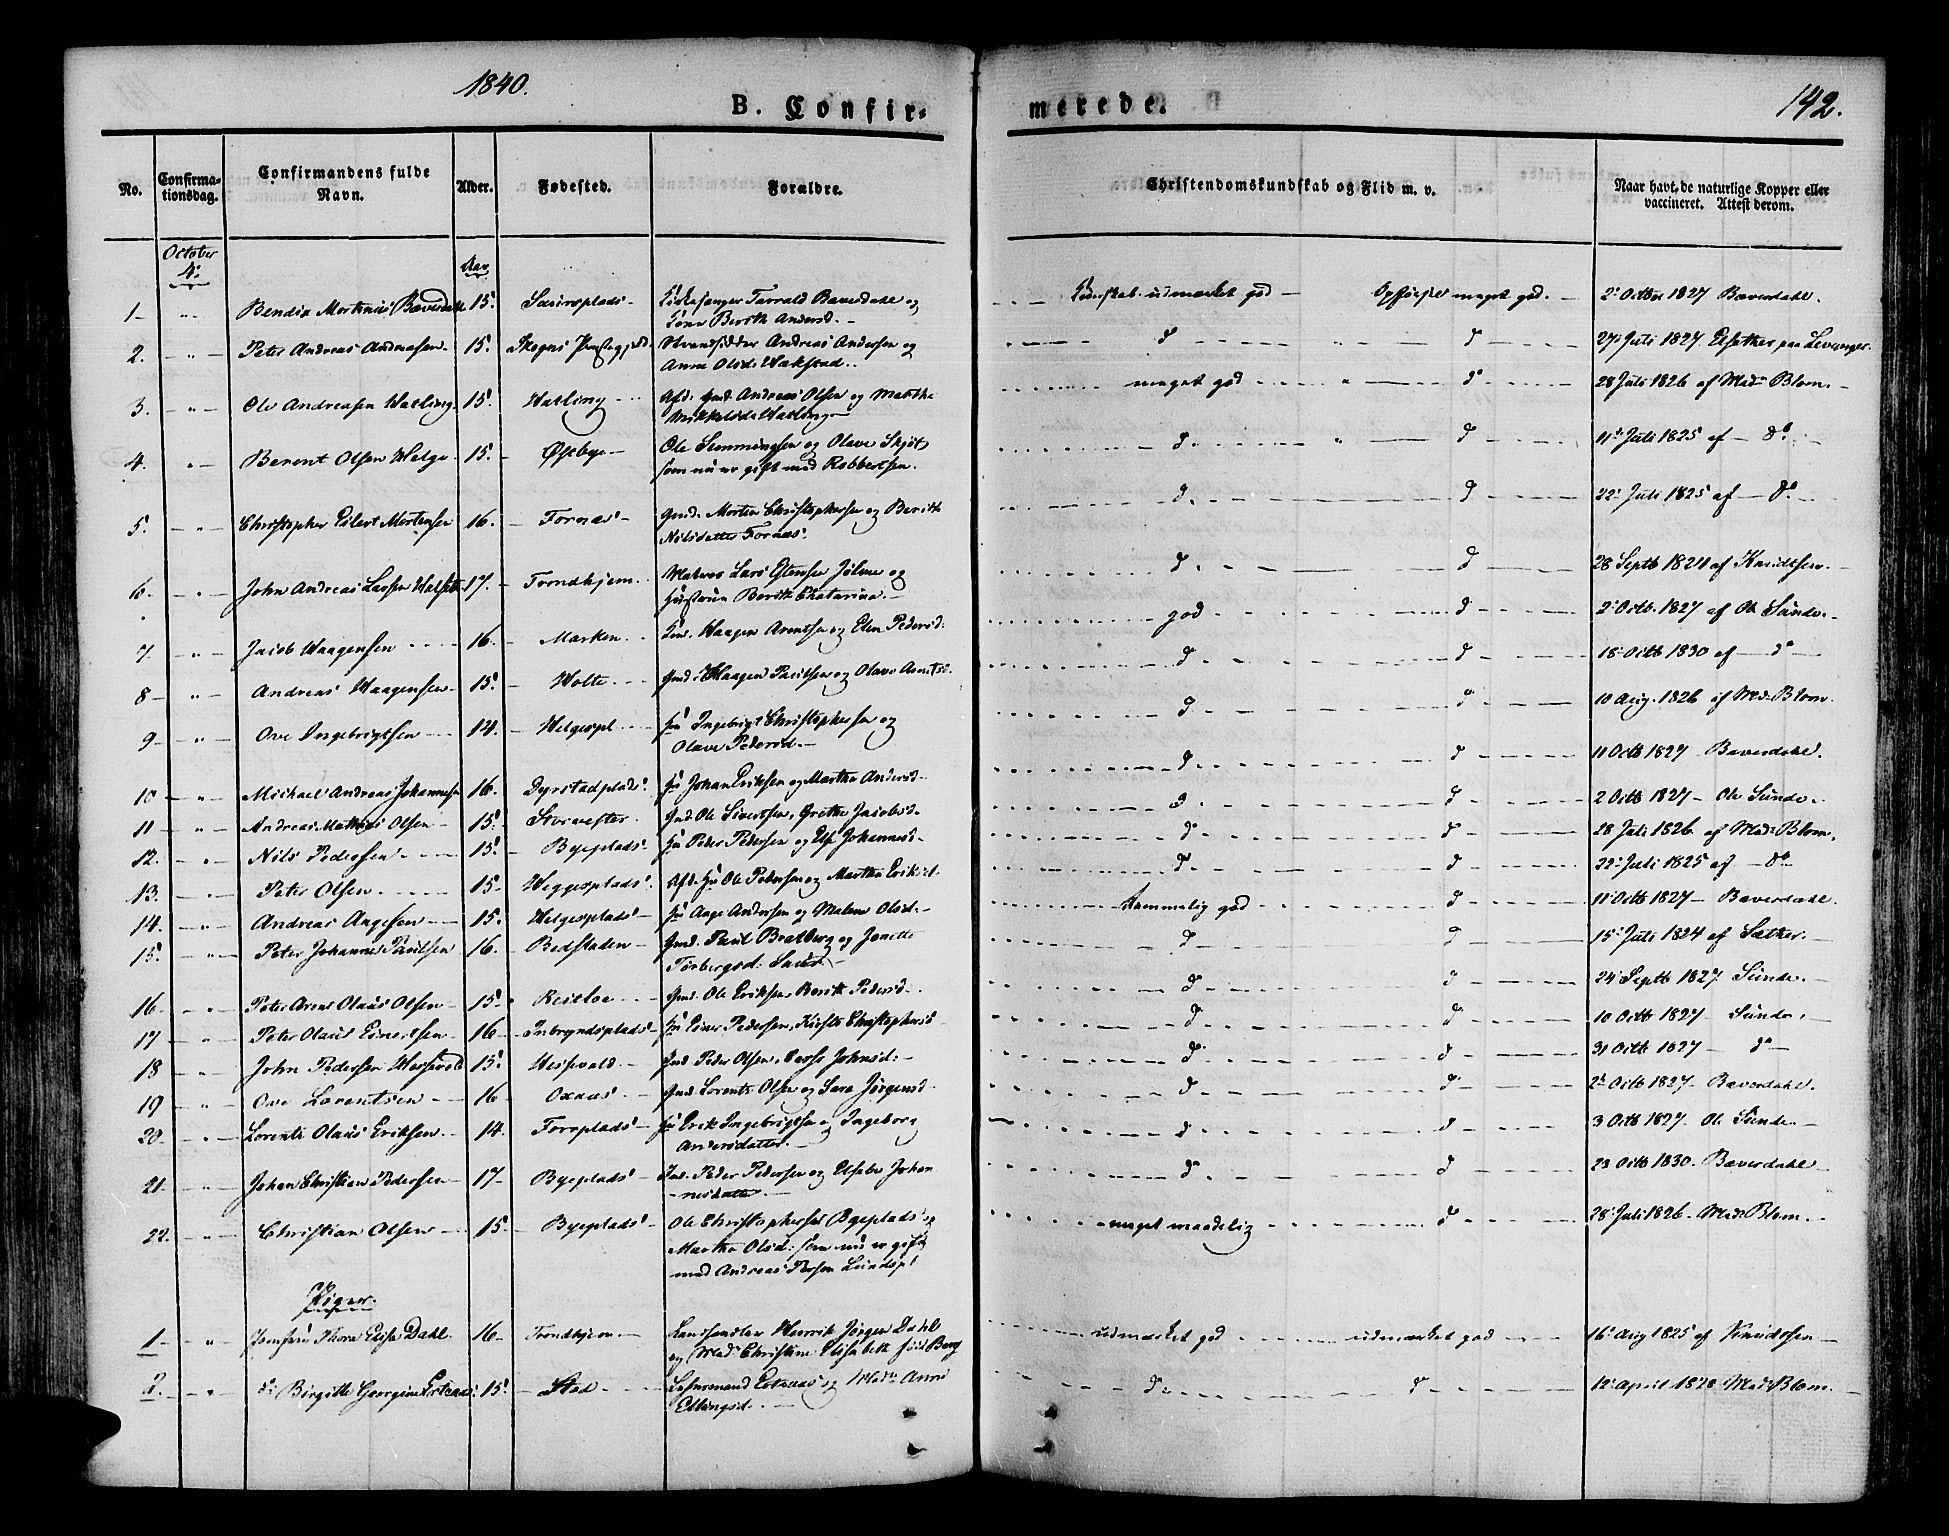 SAT, Ministerialprotokoller, klokkerbøker og fødselsregistre - Nord-Trøndelag, 746/L0445: Ministerialbok nr. 746A04, 1826-1846, s. 142